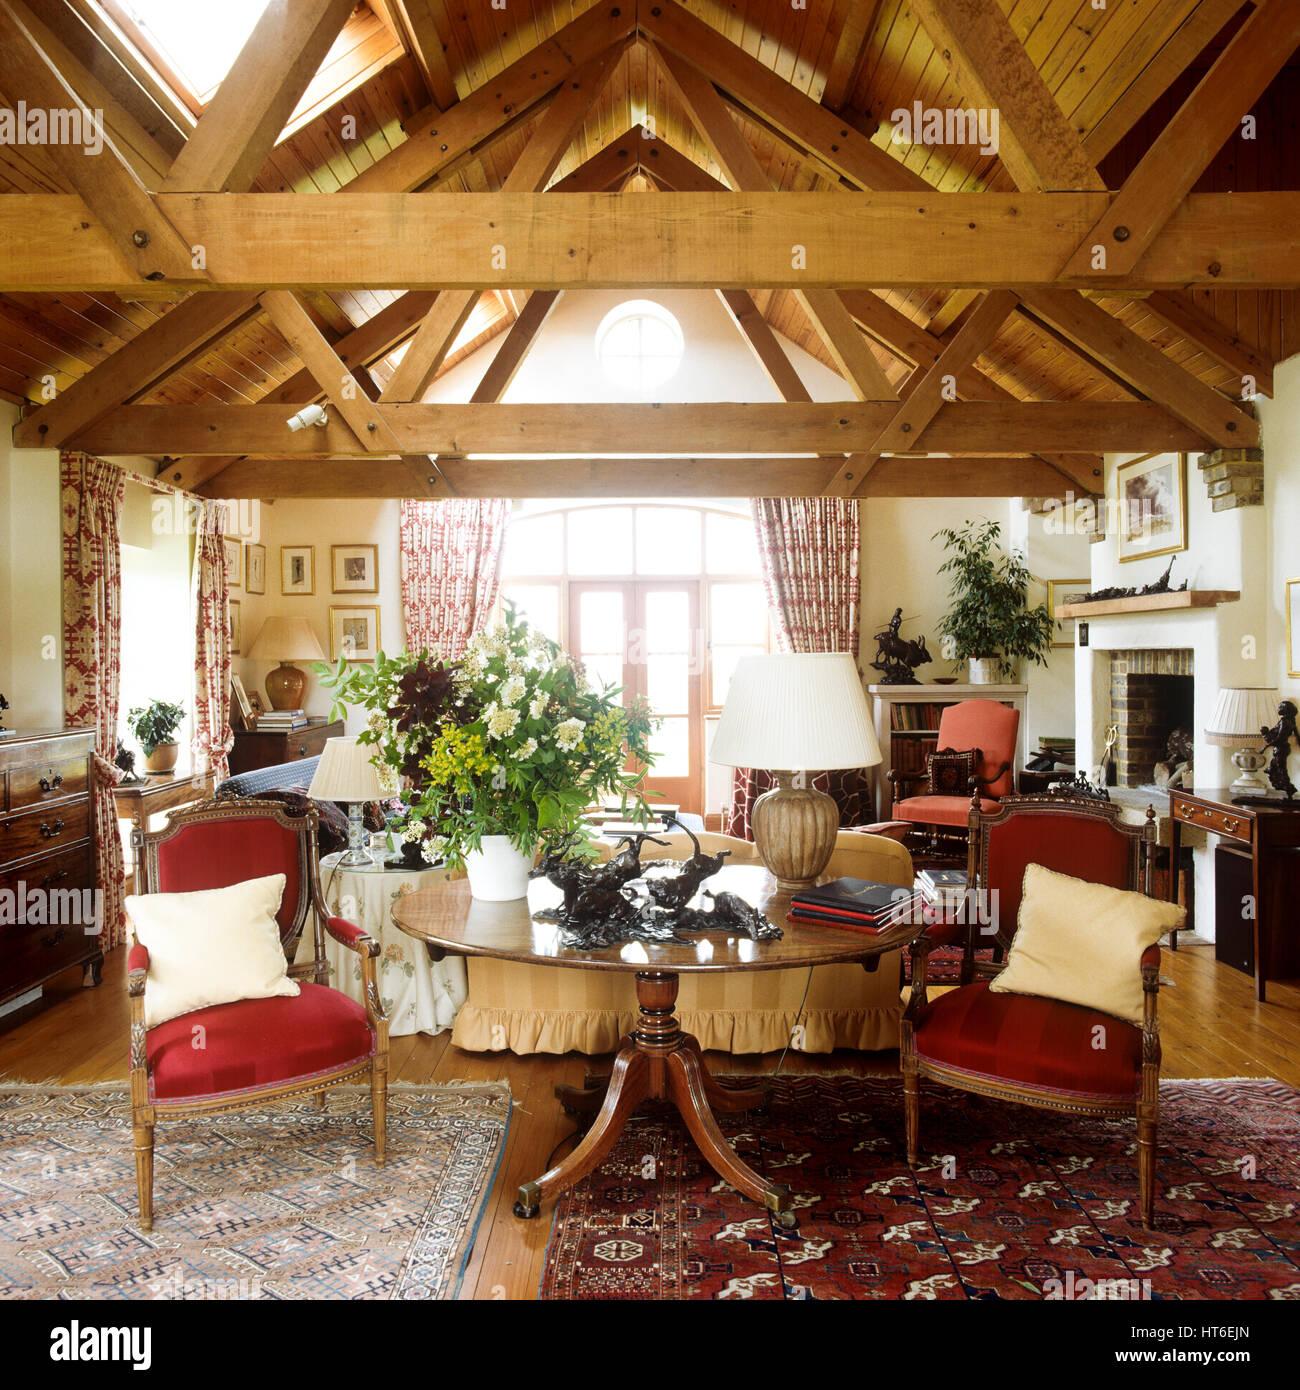 Wohnzimmer Mit Einer Balkendecke Stockfoto Bild 135367533 Alamy